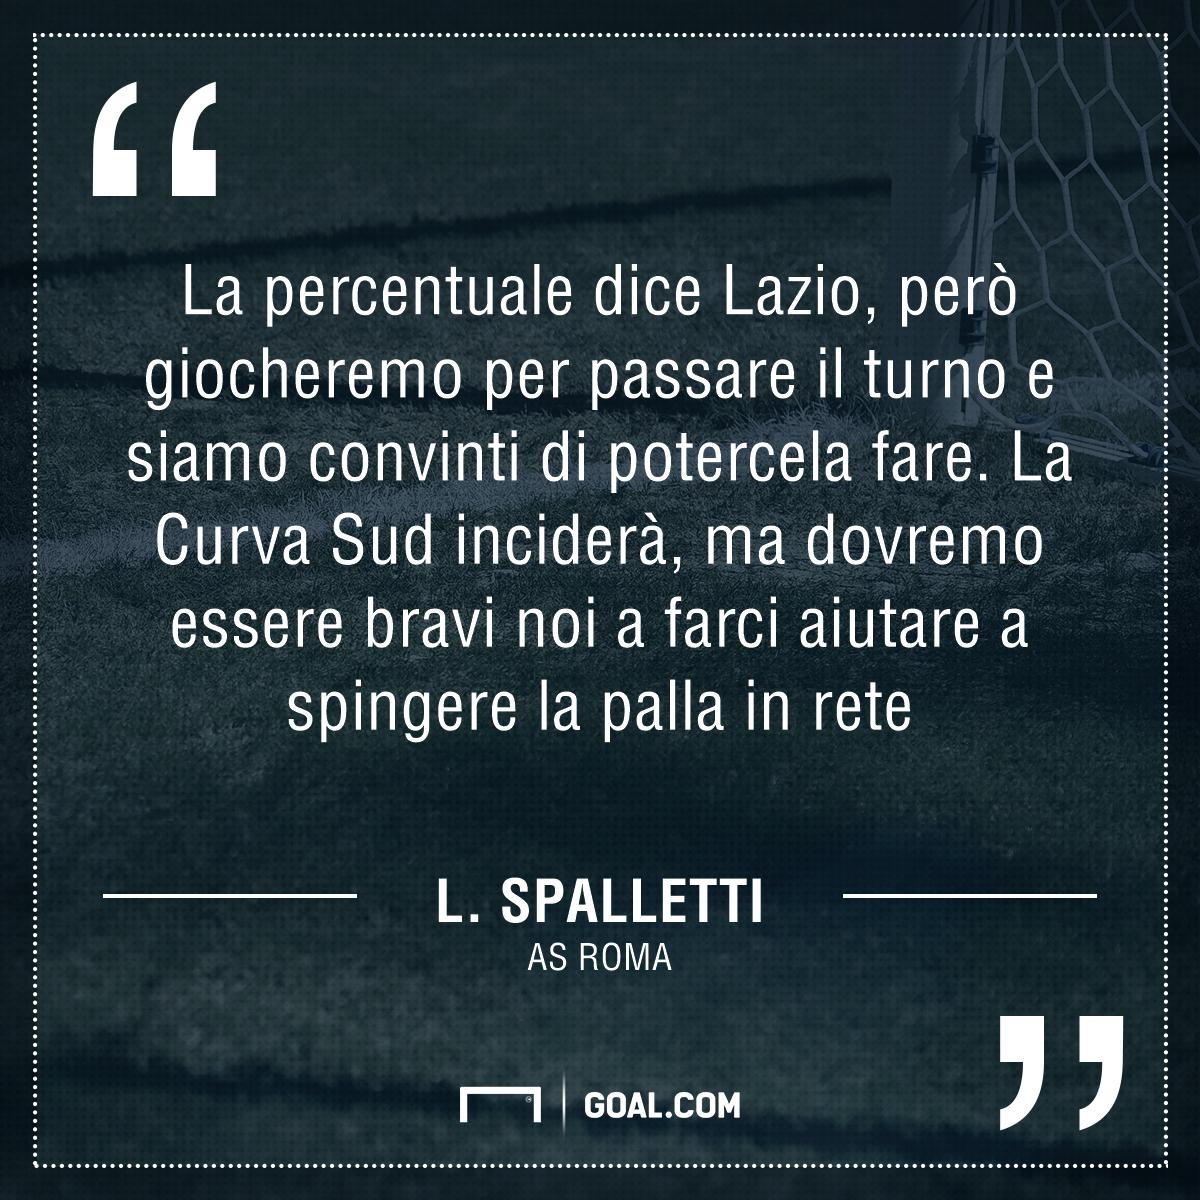 Conferenza Spalletti: